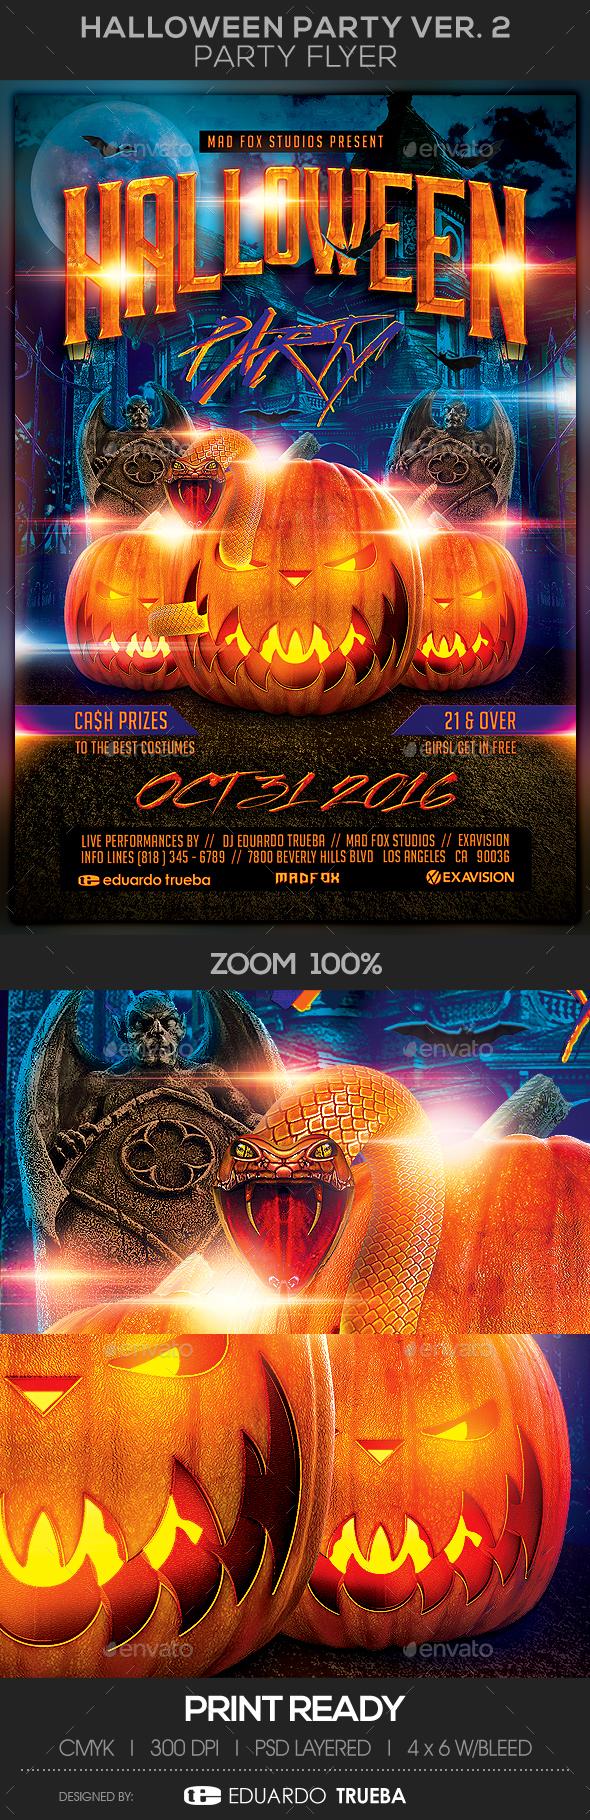 Halloween Party Flyer Ver. 2